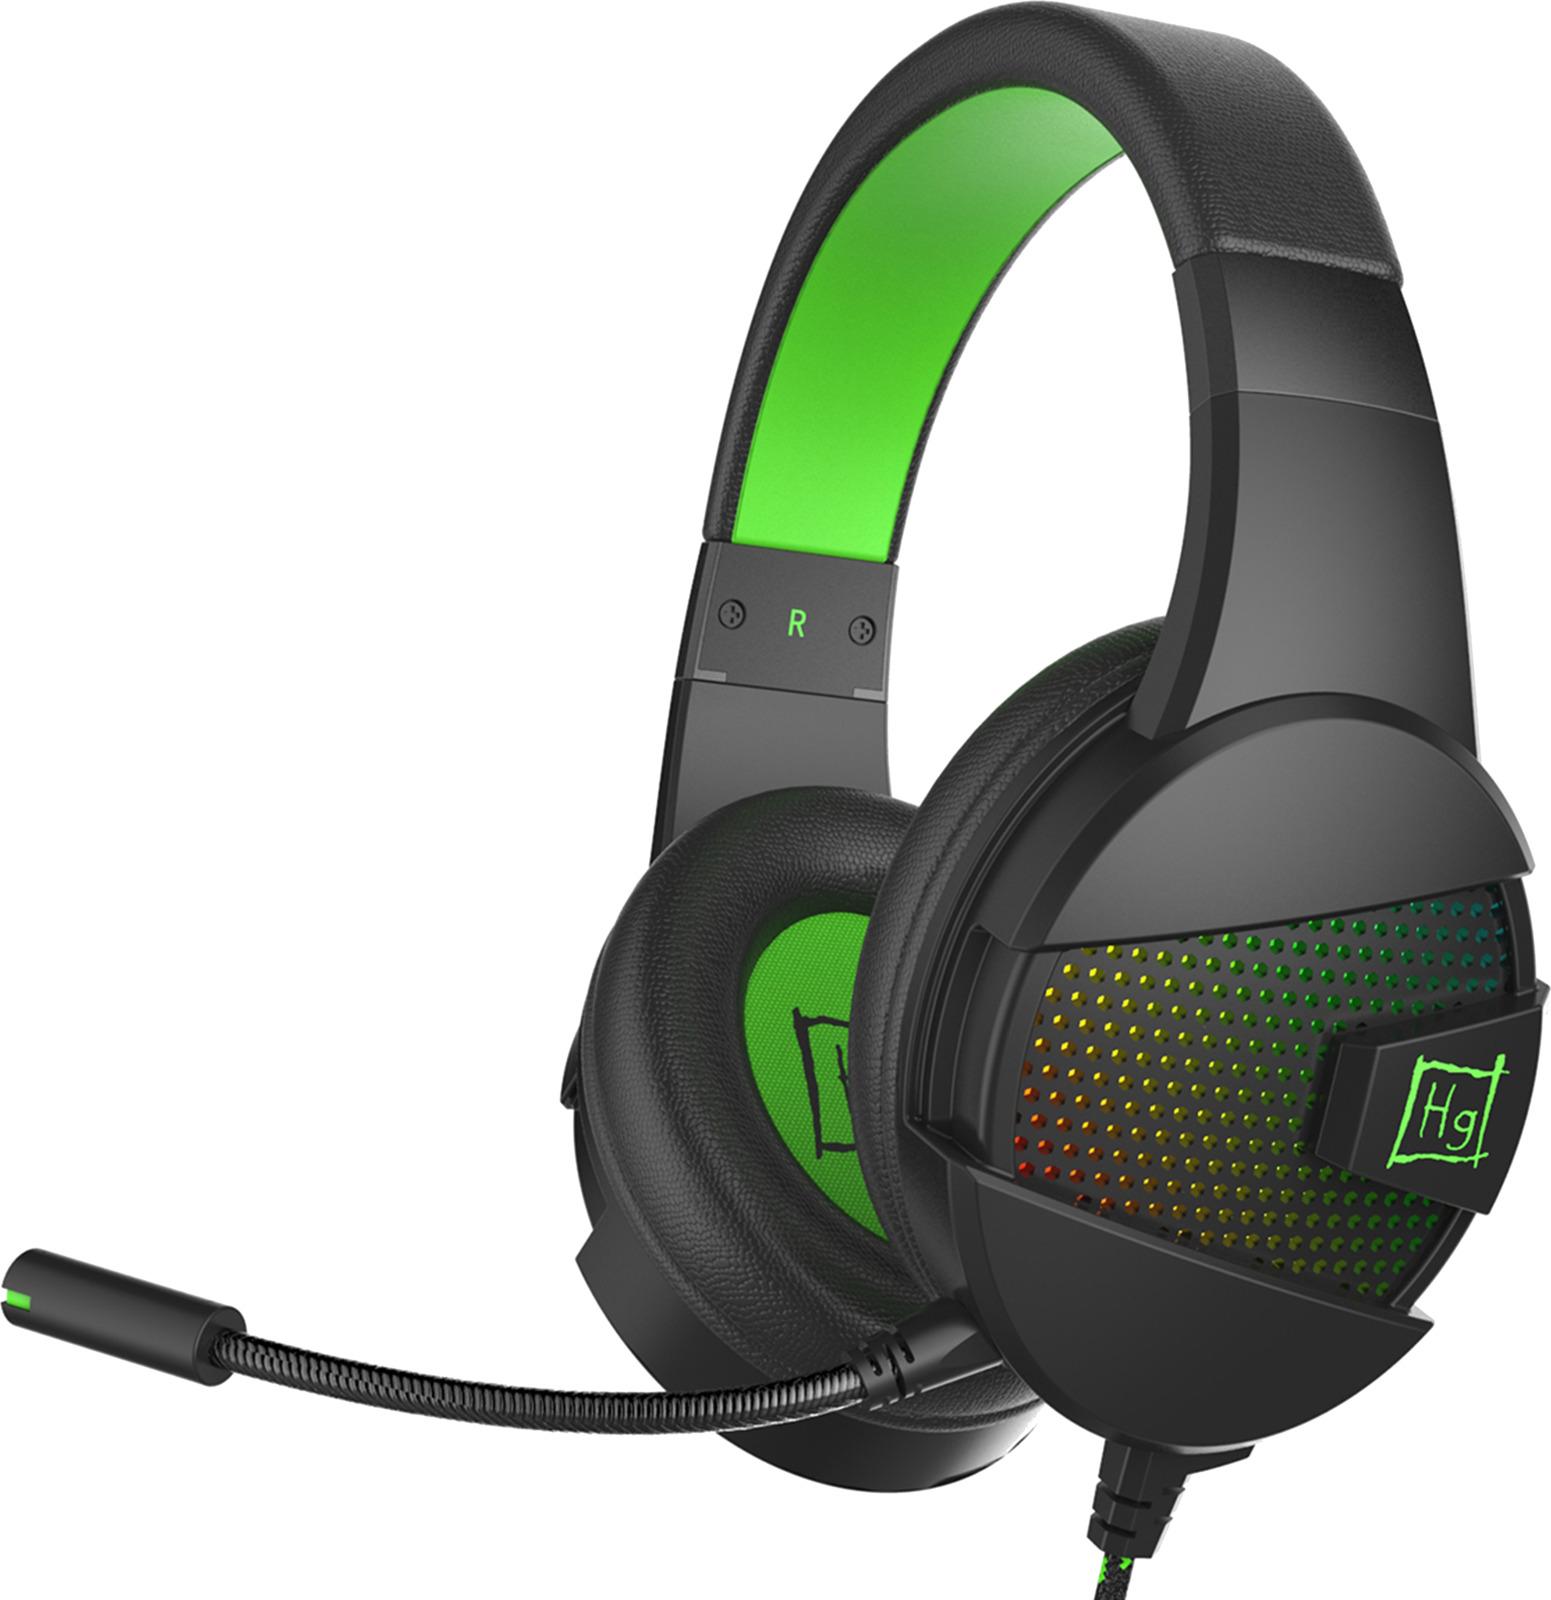 Игровые наушники Harper Gaming Raster, GHS-X15, черный, зеленый